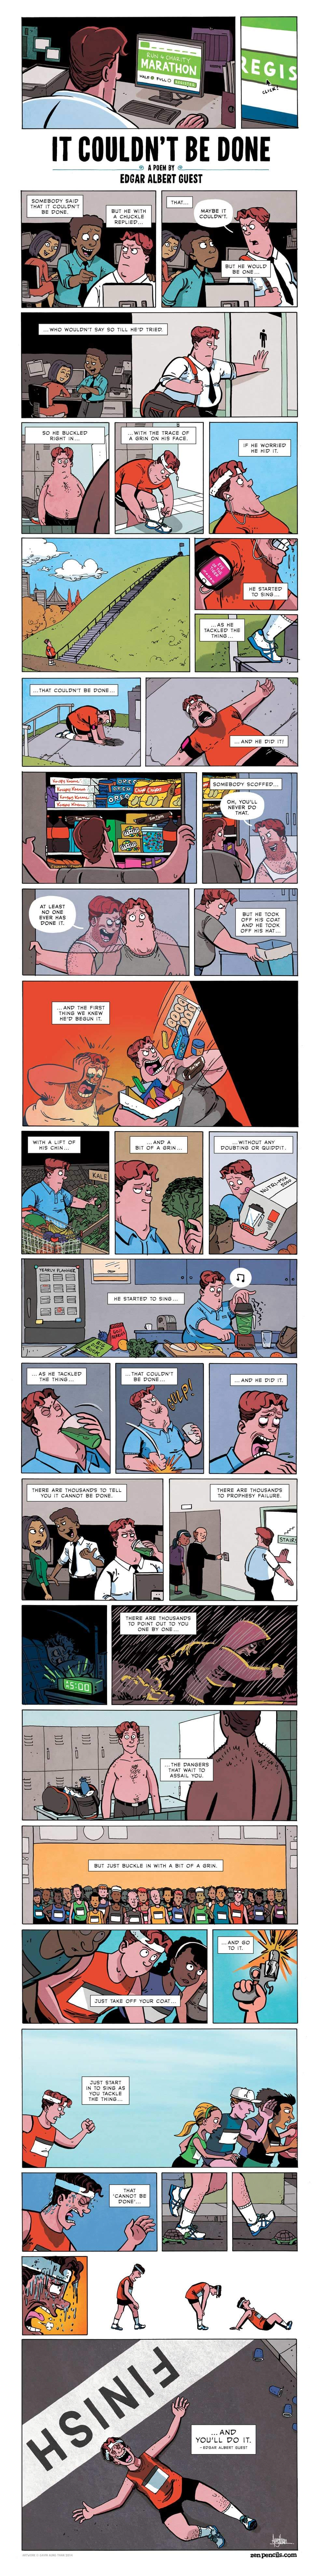 Bilderparade DXIX LangweileDich.net_Bilderparade_DXIX_12